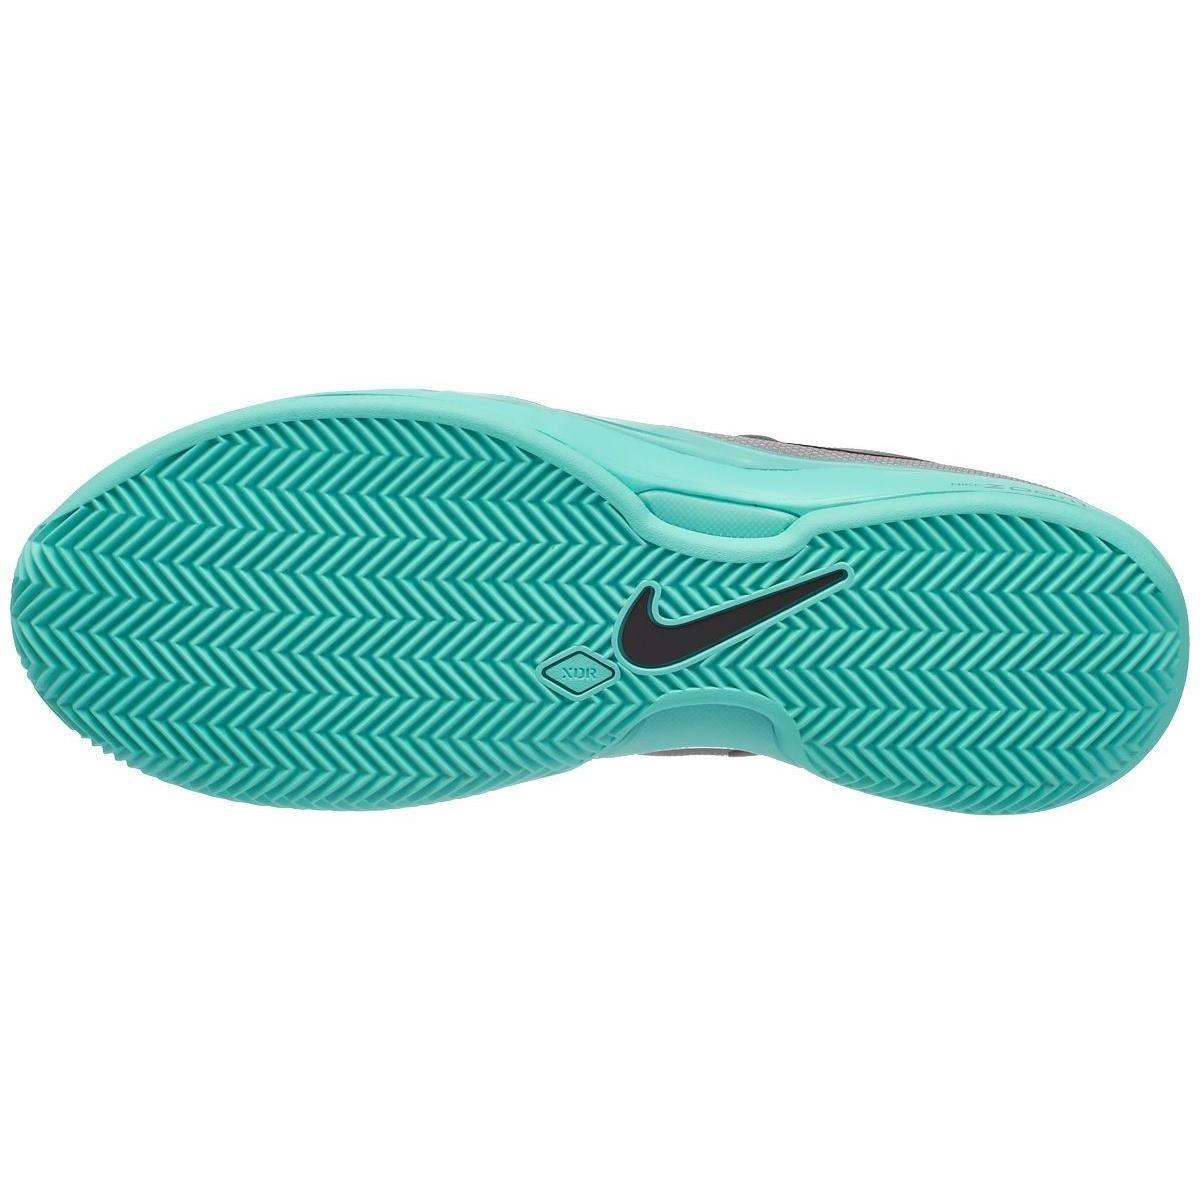 Nike Air Zoom Vapor X Clay Barbati Pantofi tenis Gri/Violet/Negru B1457r